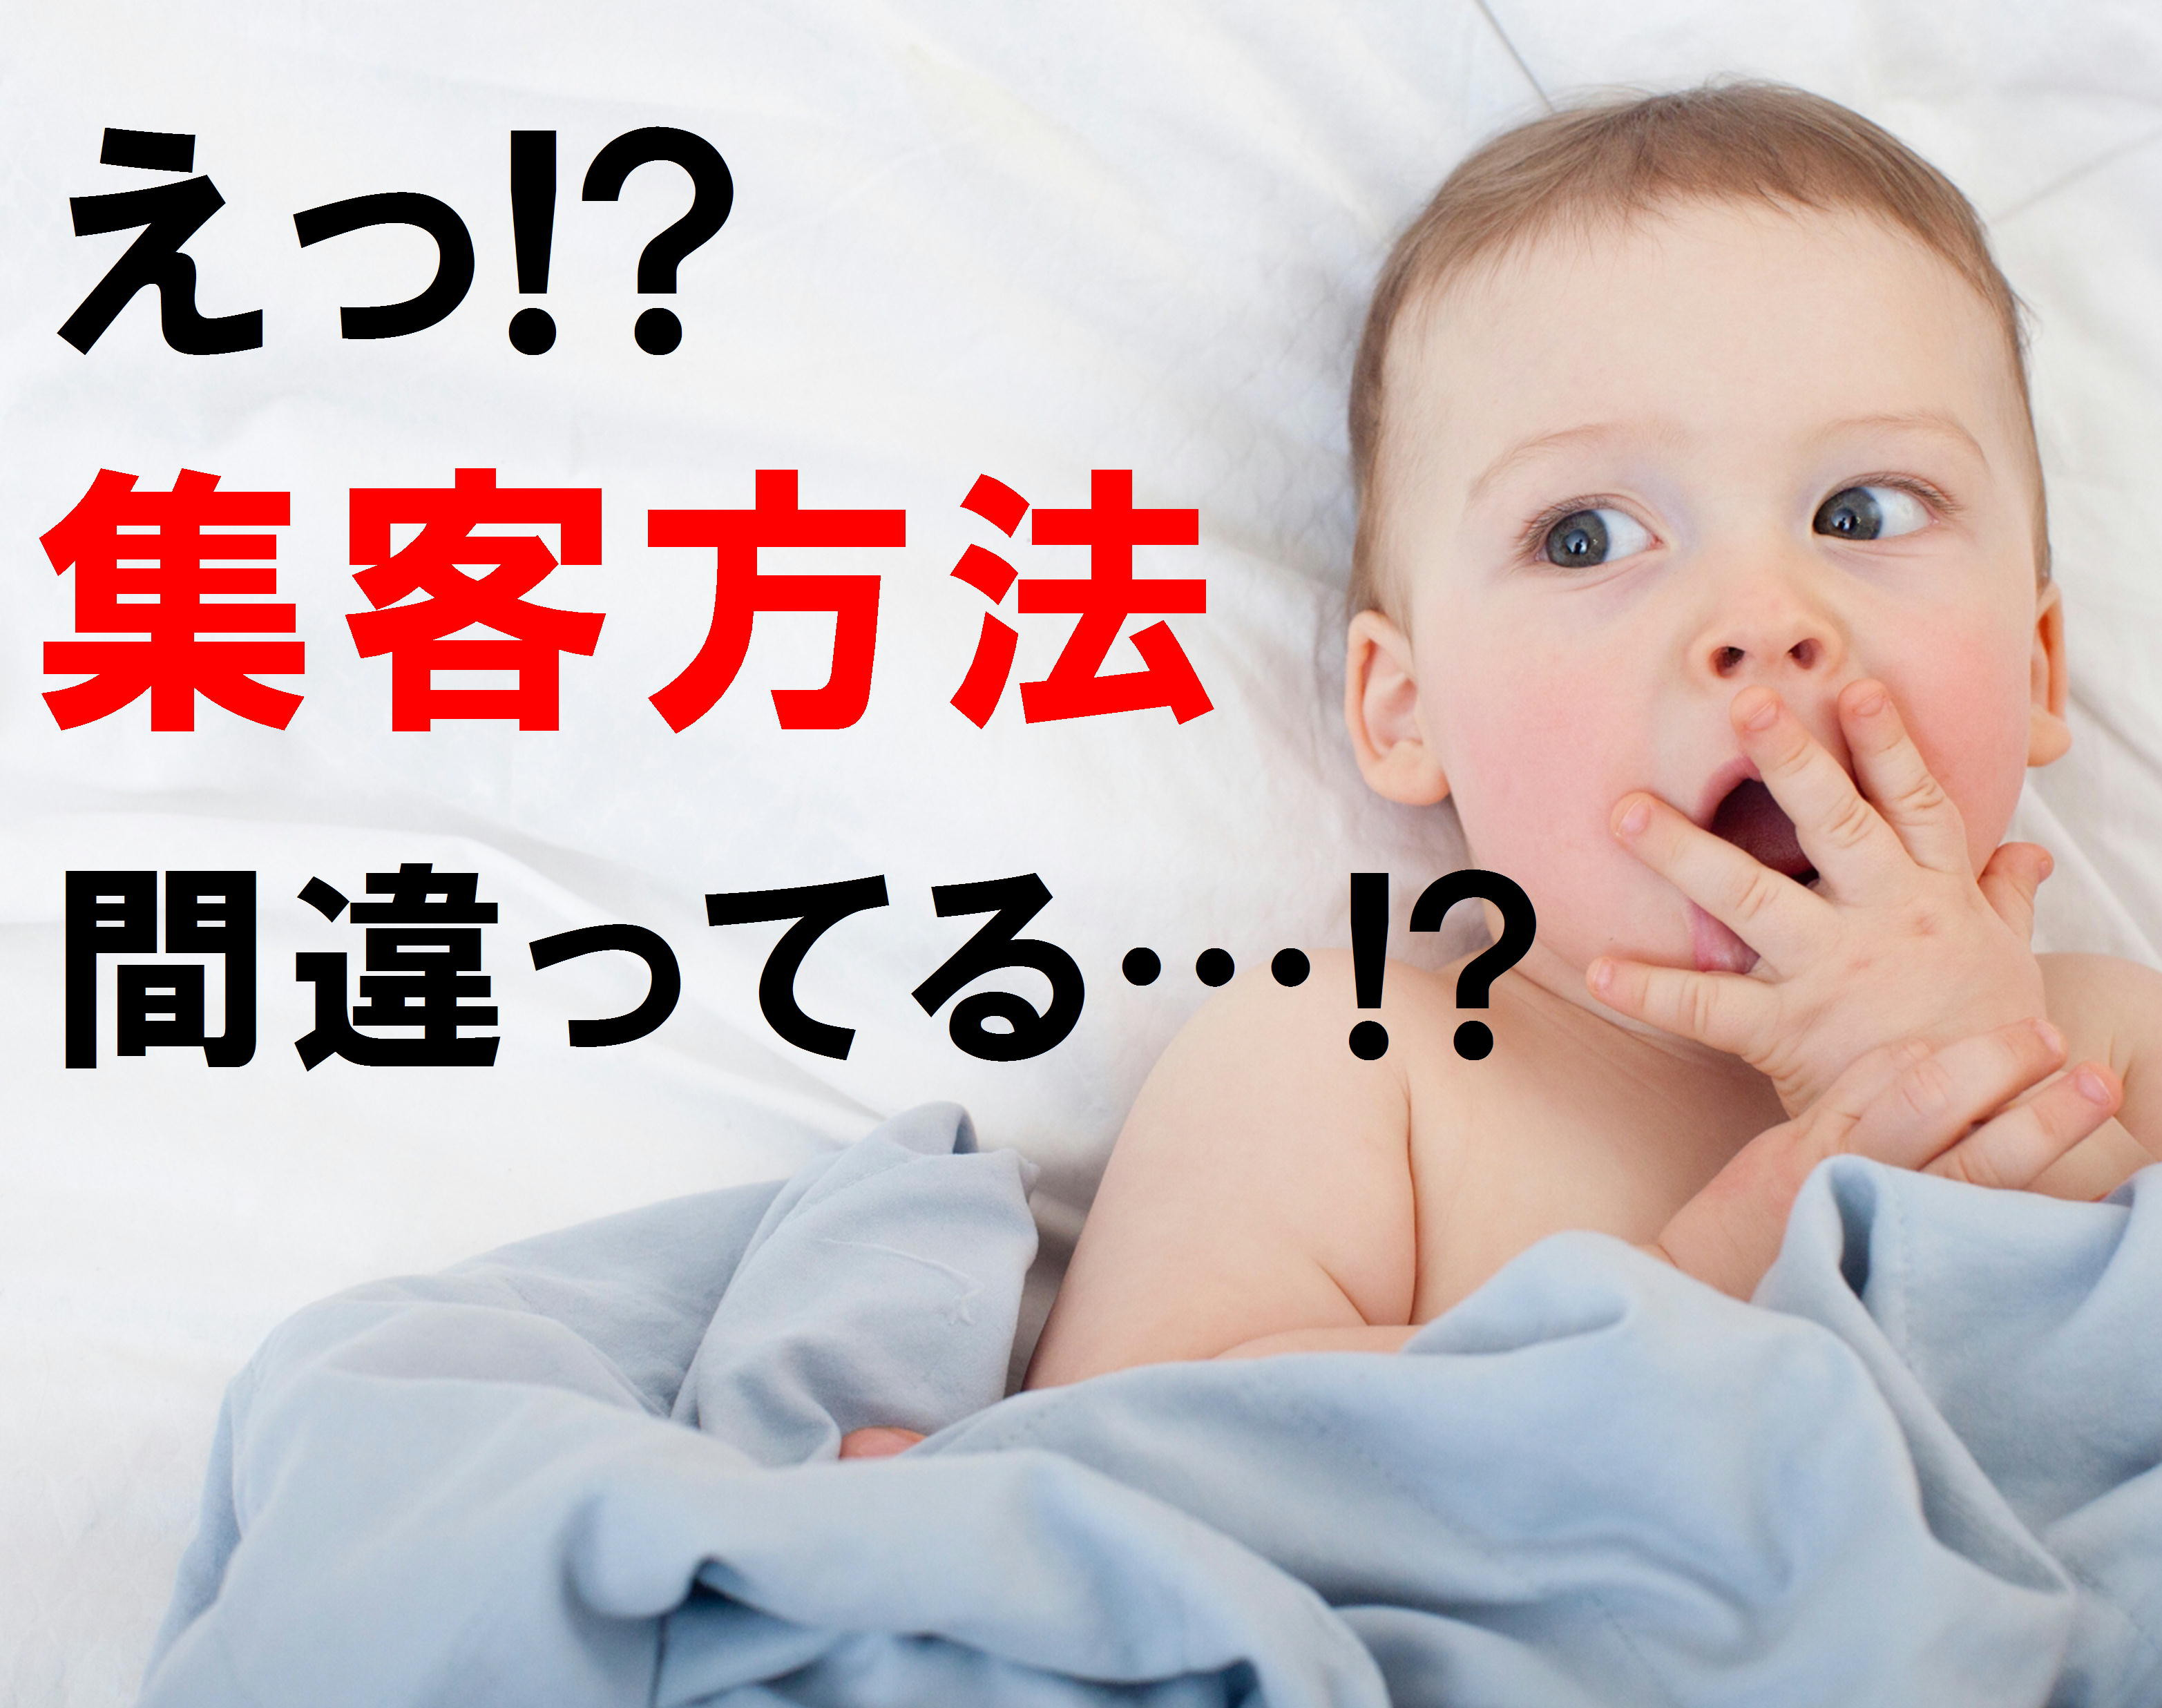 Kアート③赤ちゃん